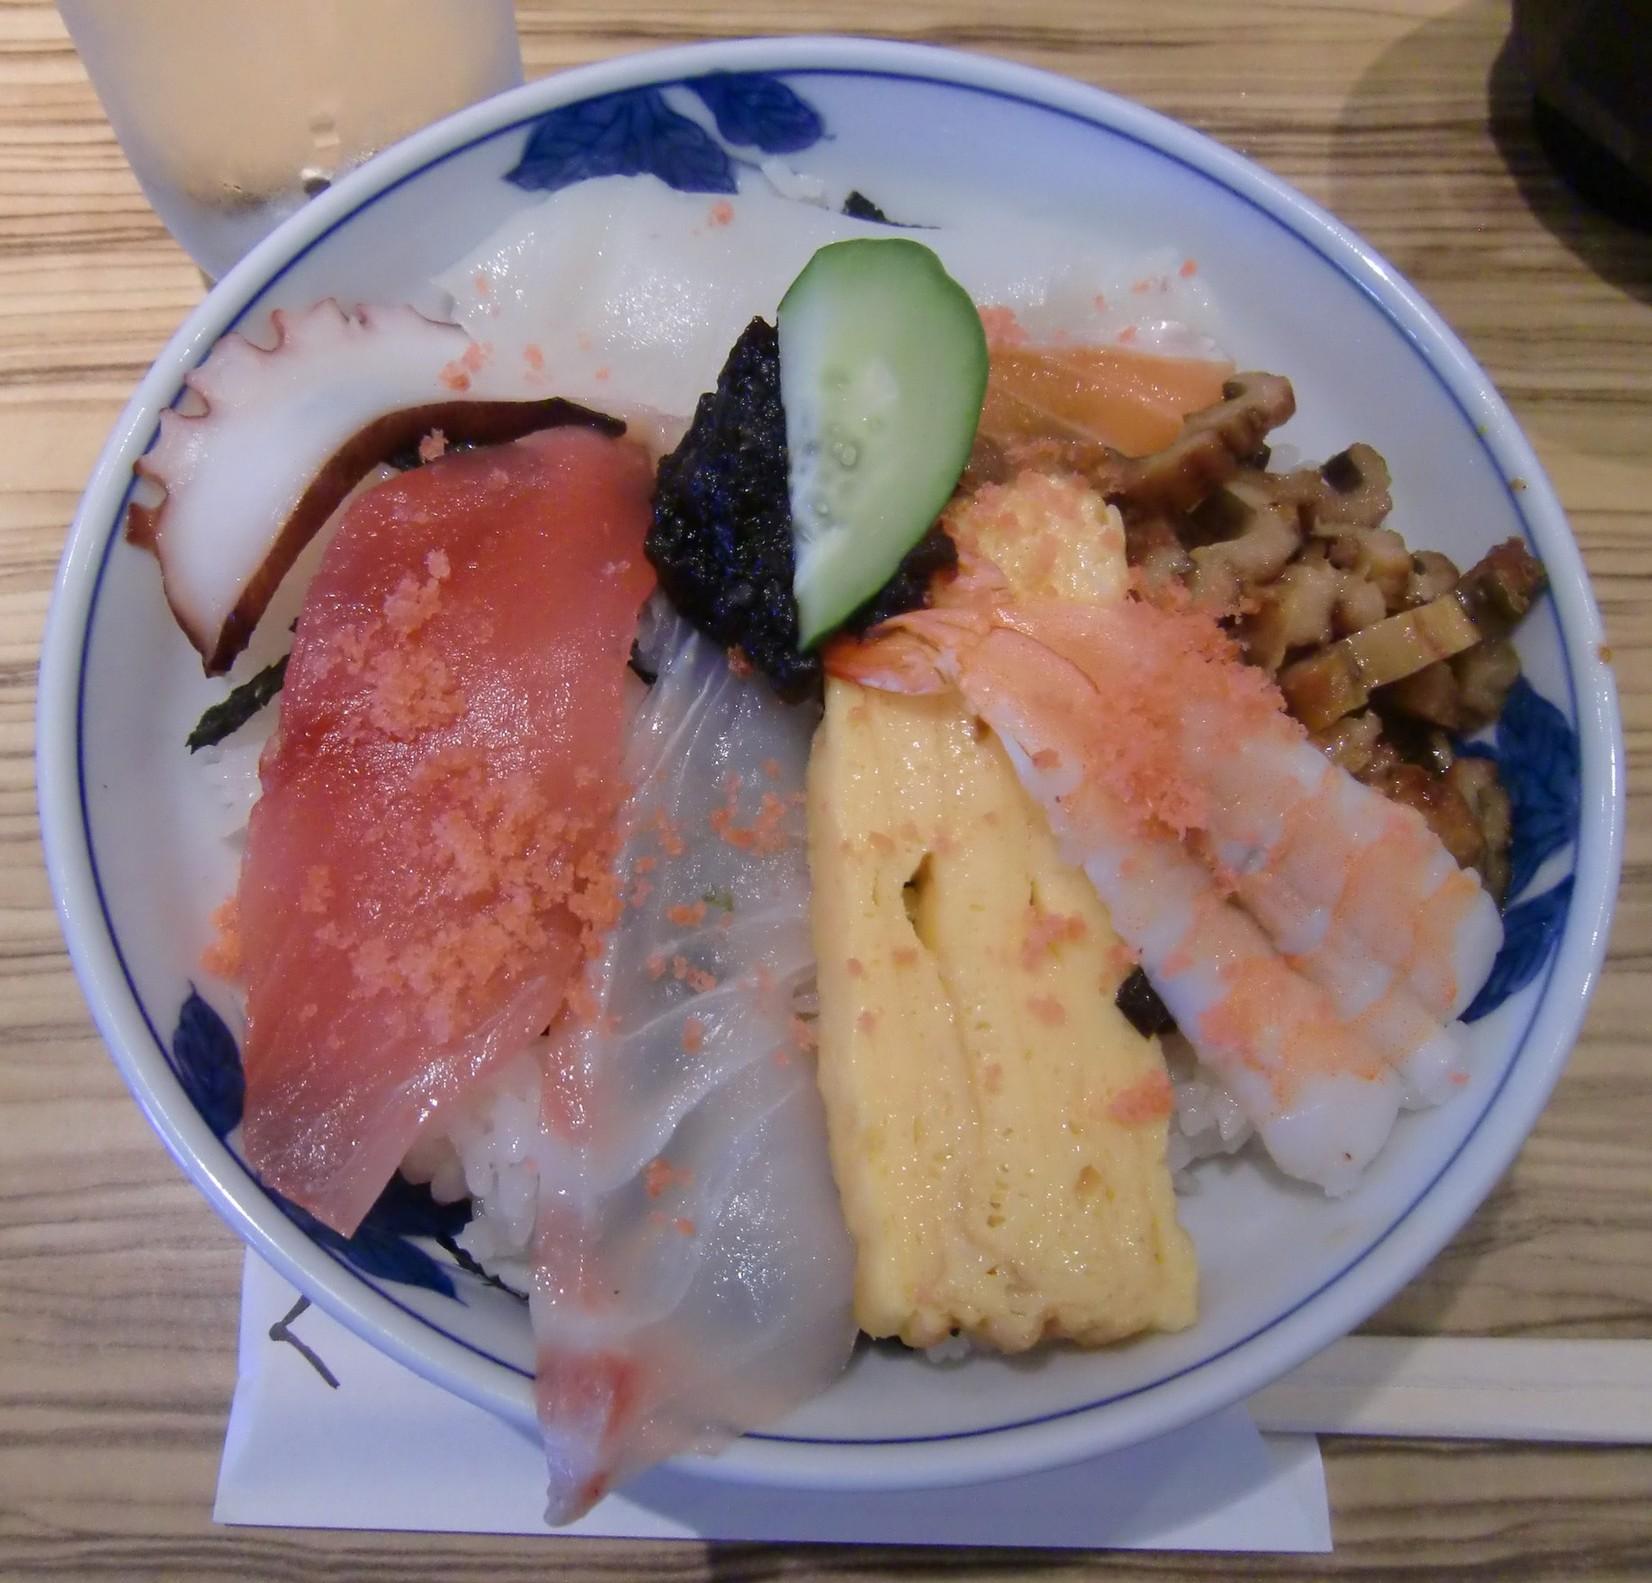 明石くら蔵沖ノ瀬水産 神戸三田プレミアムアウトレット支店